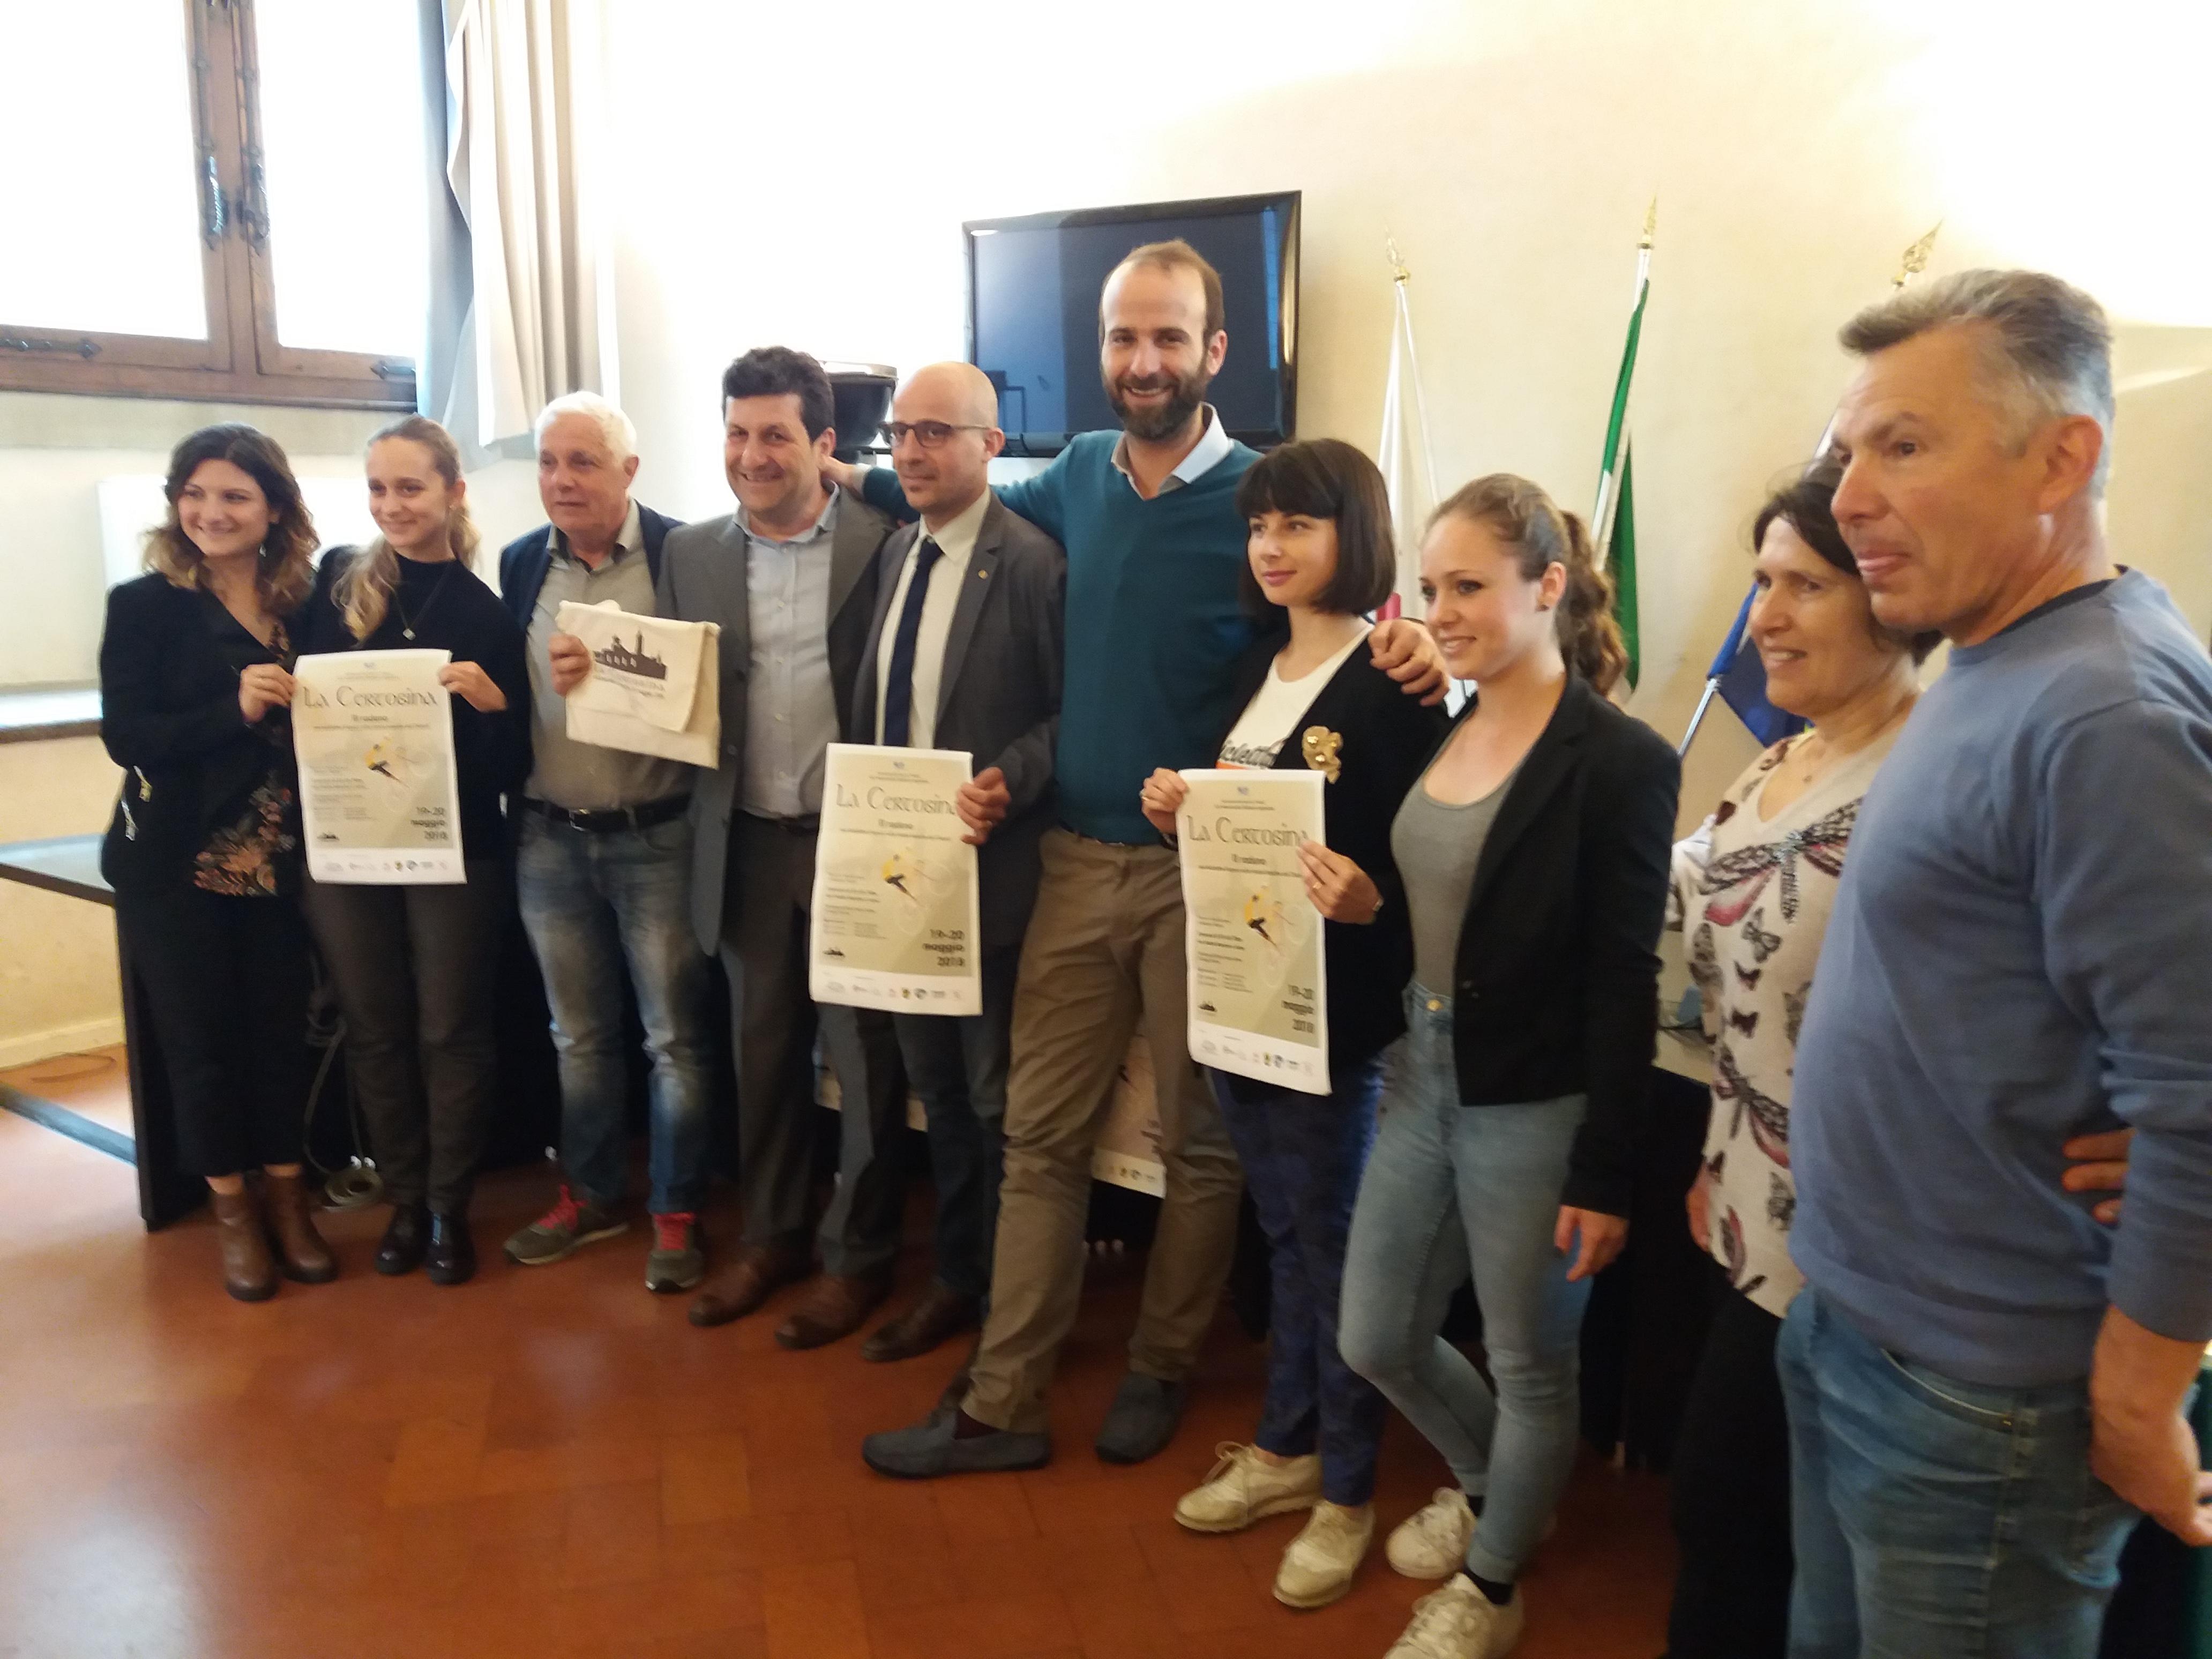 """L'Assessore Vannucci e il Presidente del Quartiere 1 Esposito alla presentazione de """"La Certosina"""""""